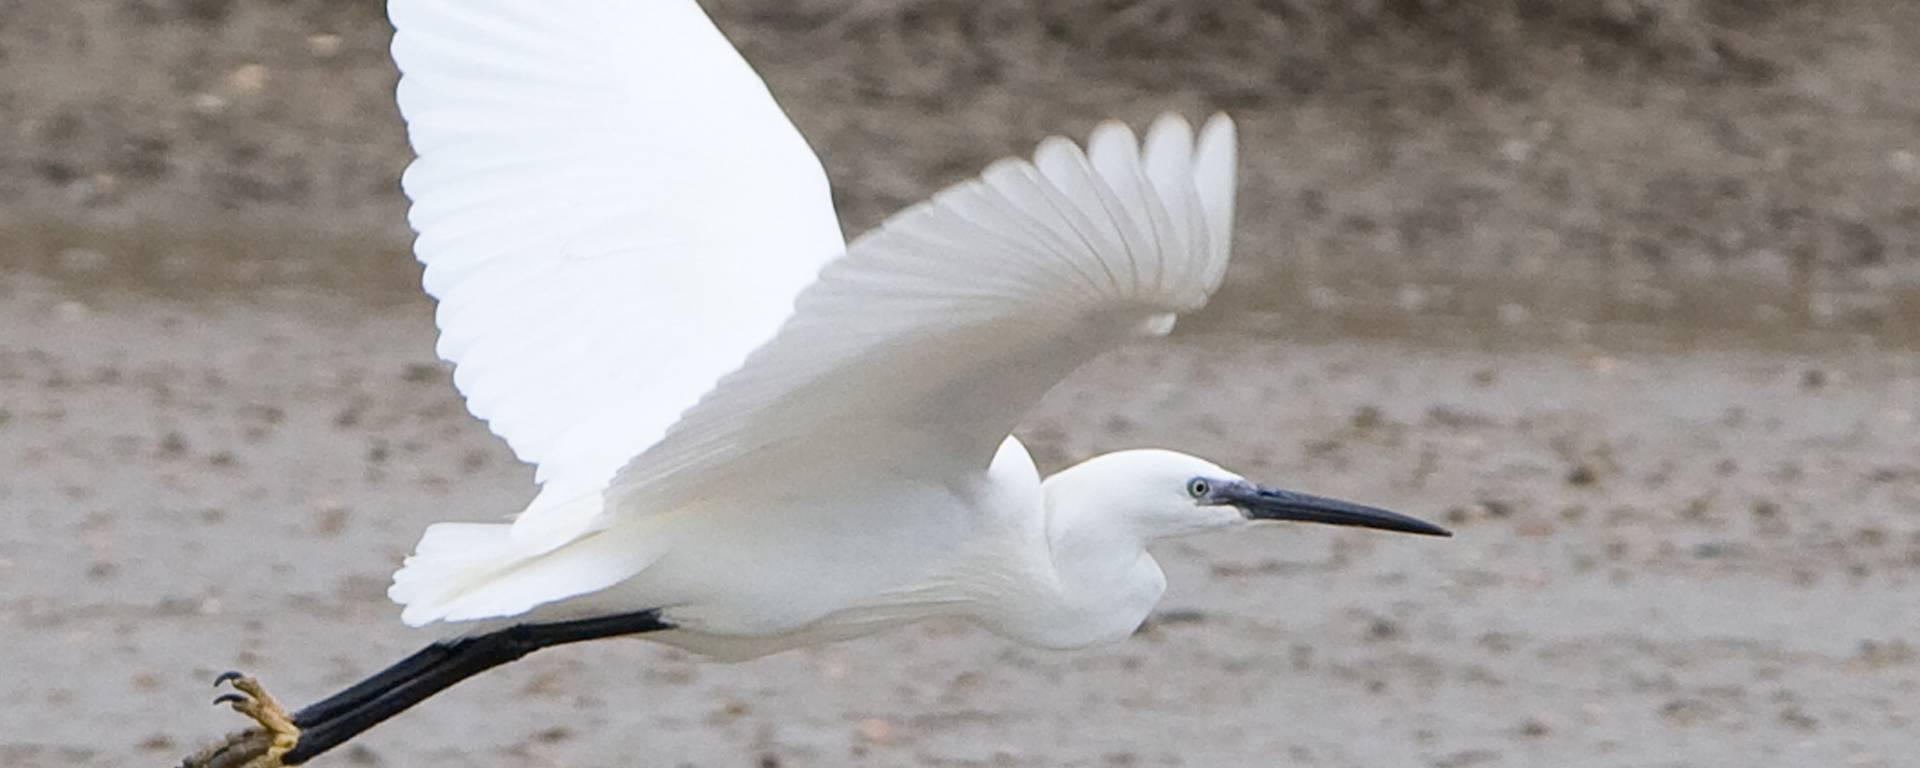 Bird in flight © François Blanchard